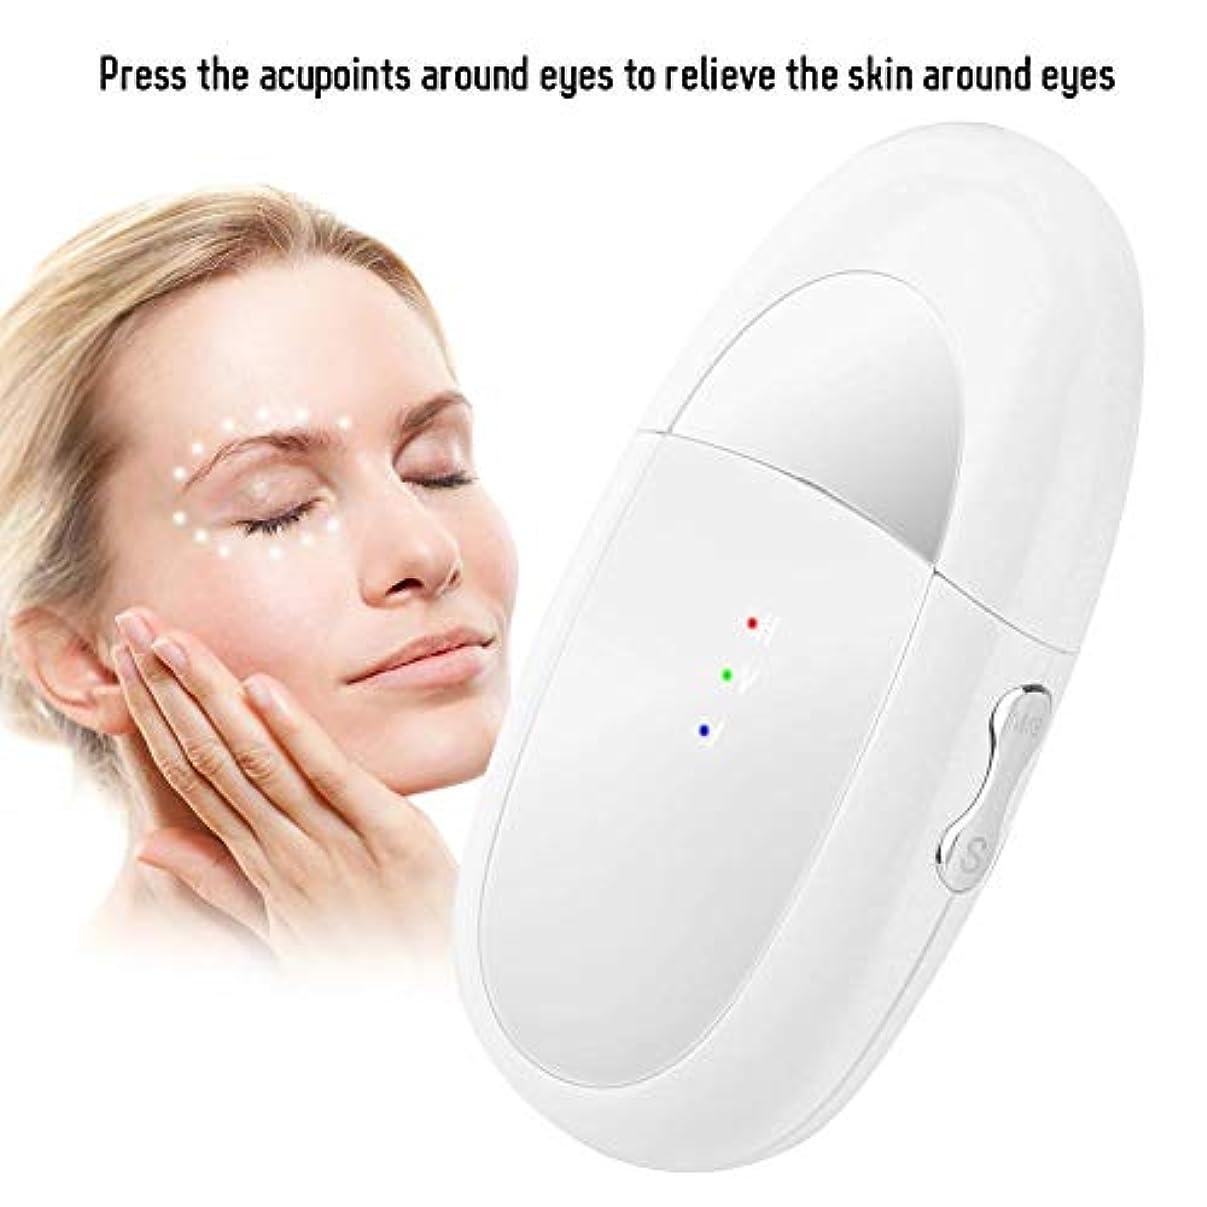 相談オーチャードジャンクションアイマッサージャー、2 in 1 Eye&Lipマッサージャーイオンインポートバイブレーションマッサージャーは、ダークサークルとむくみを緩和しますEyes&Lips Care Device